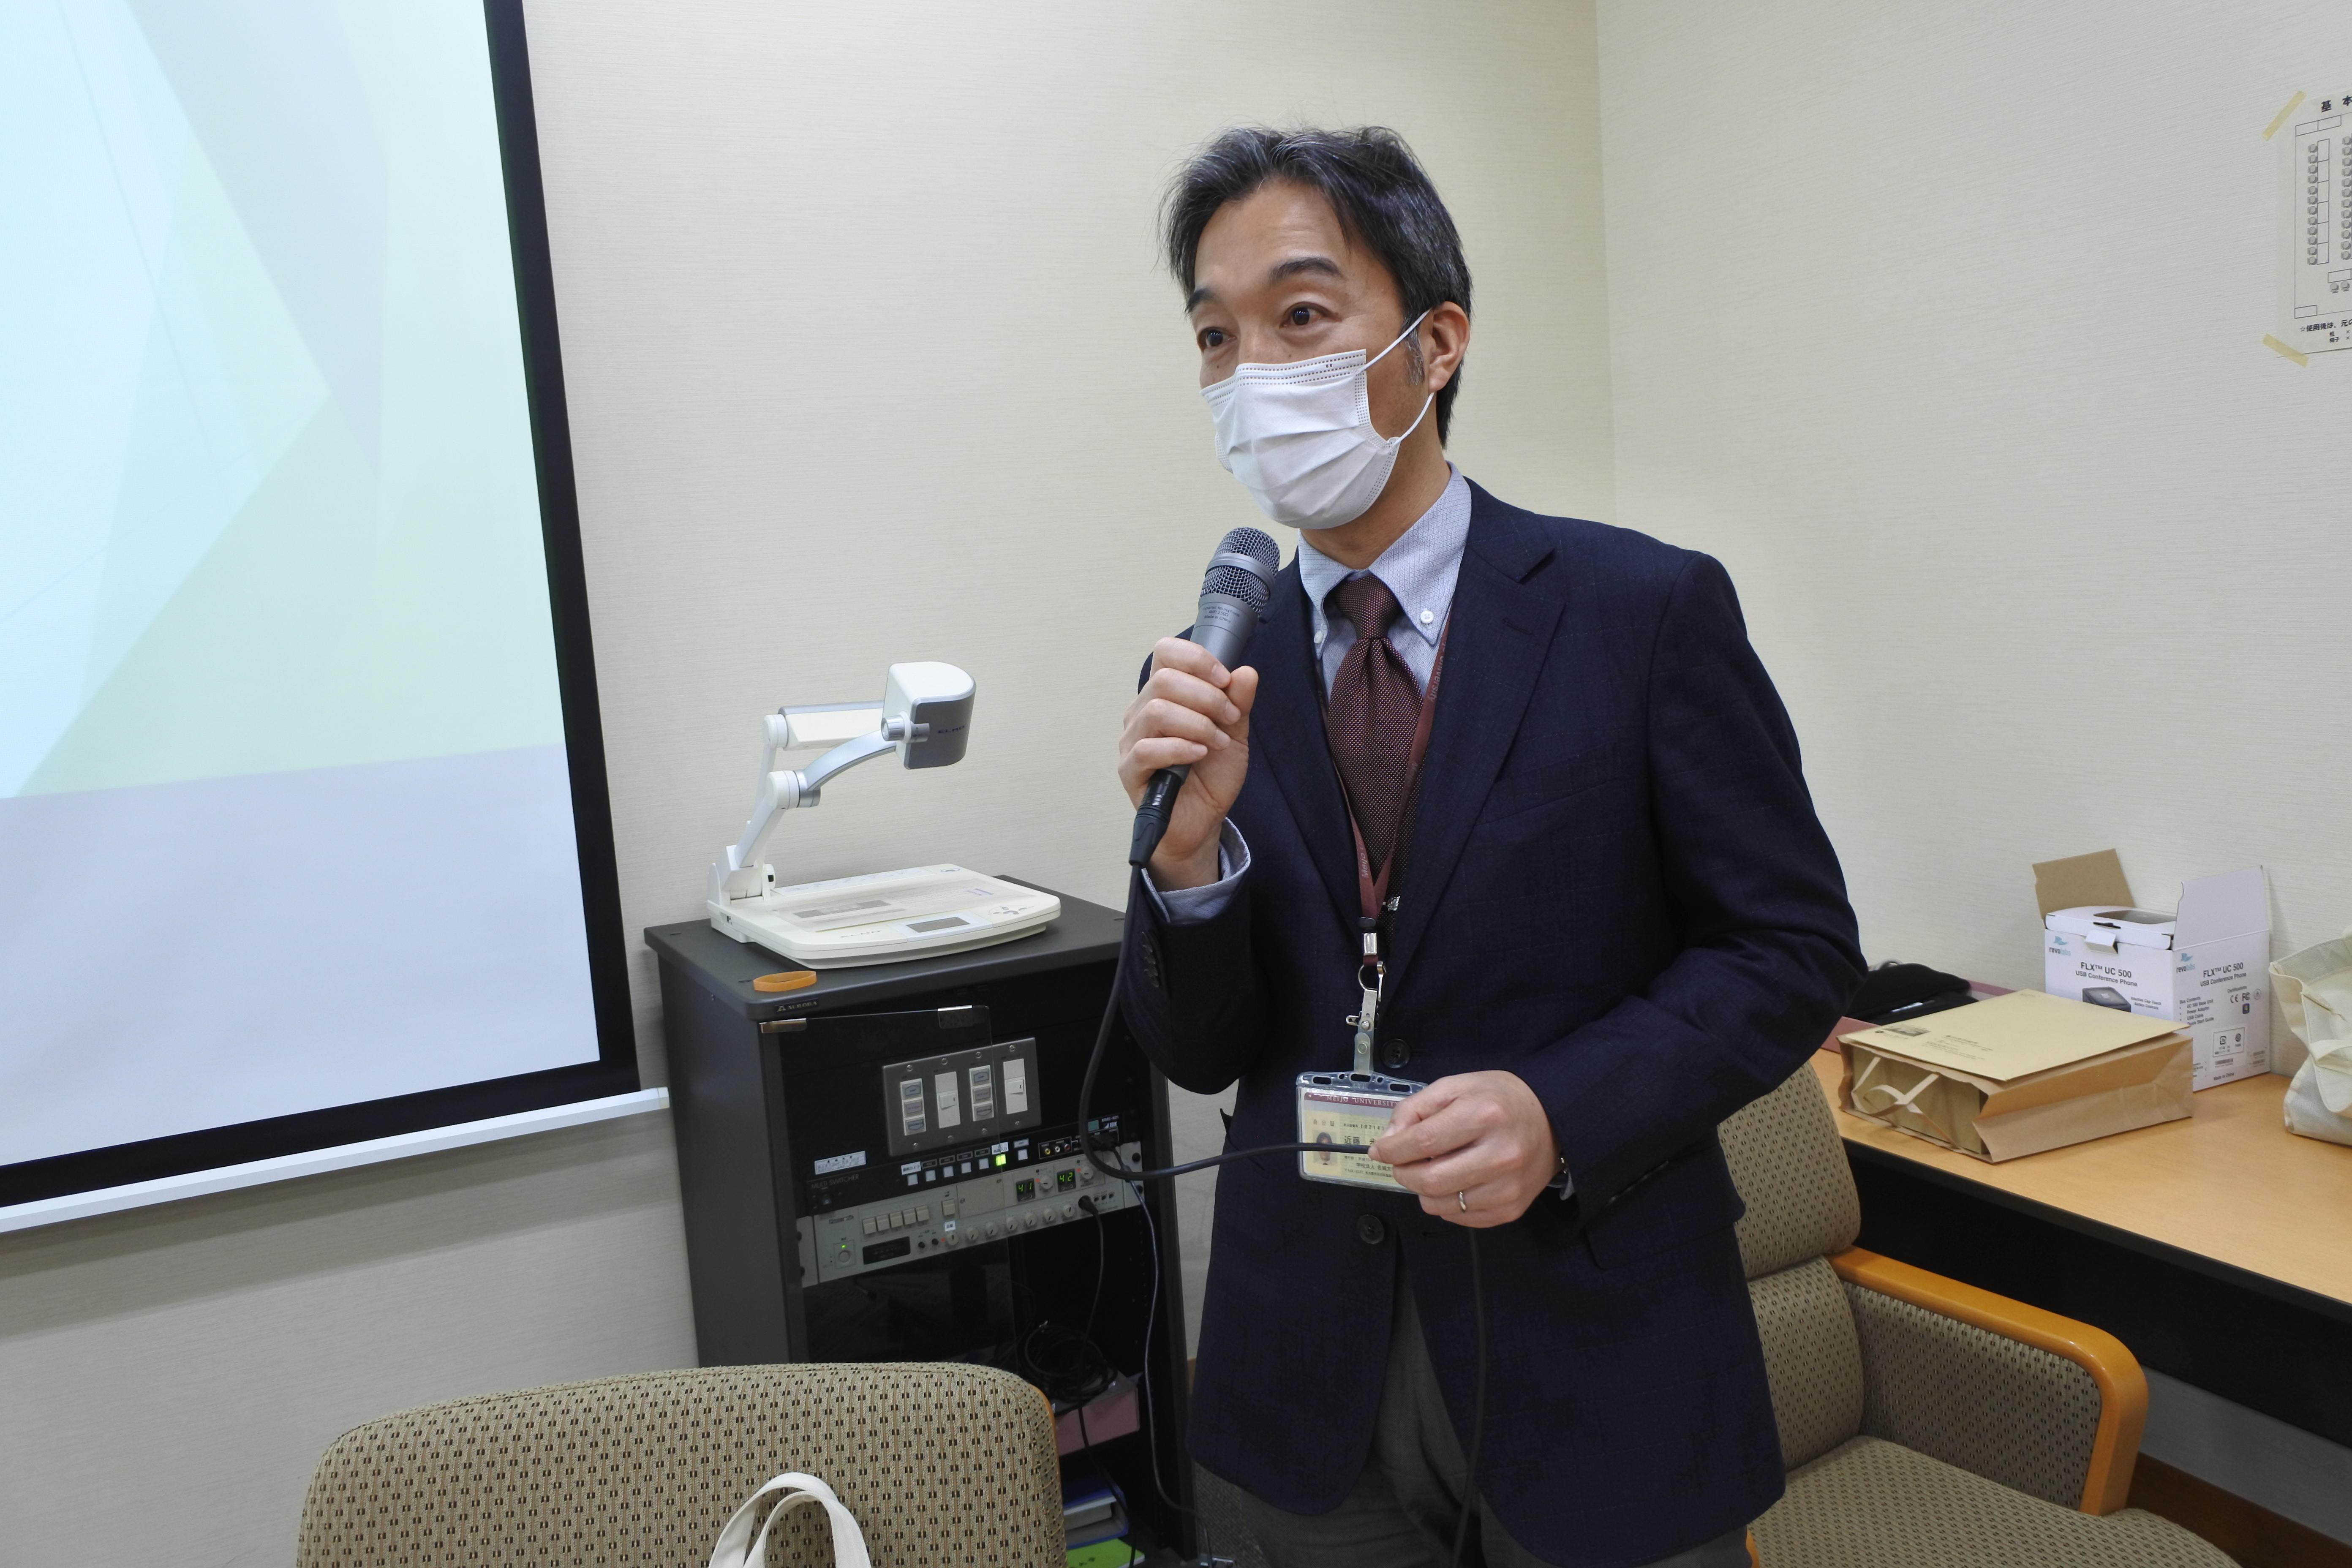 サボテンの活用策を提案する近藤准教授